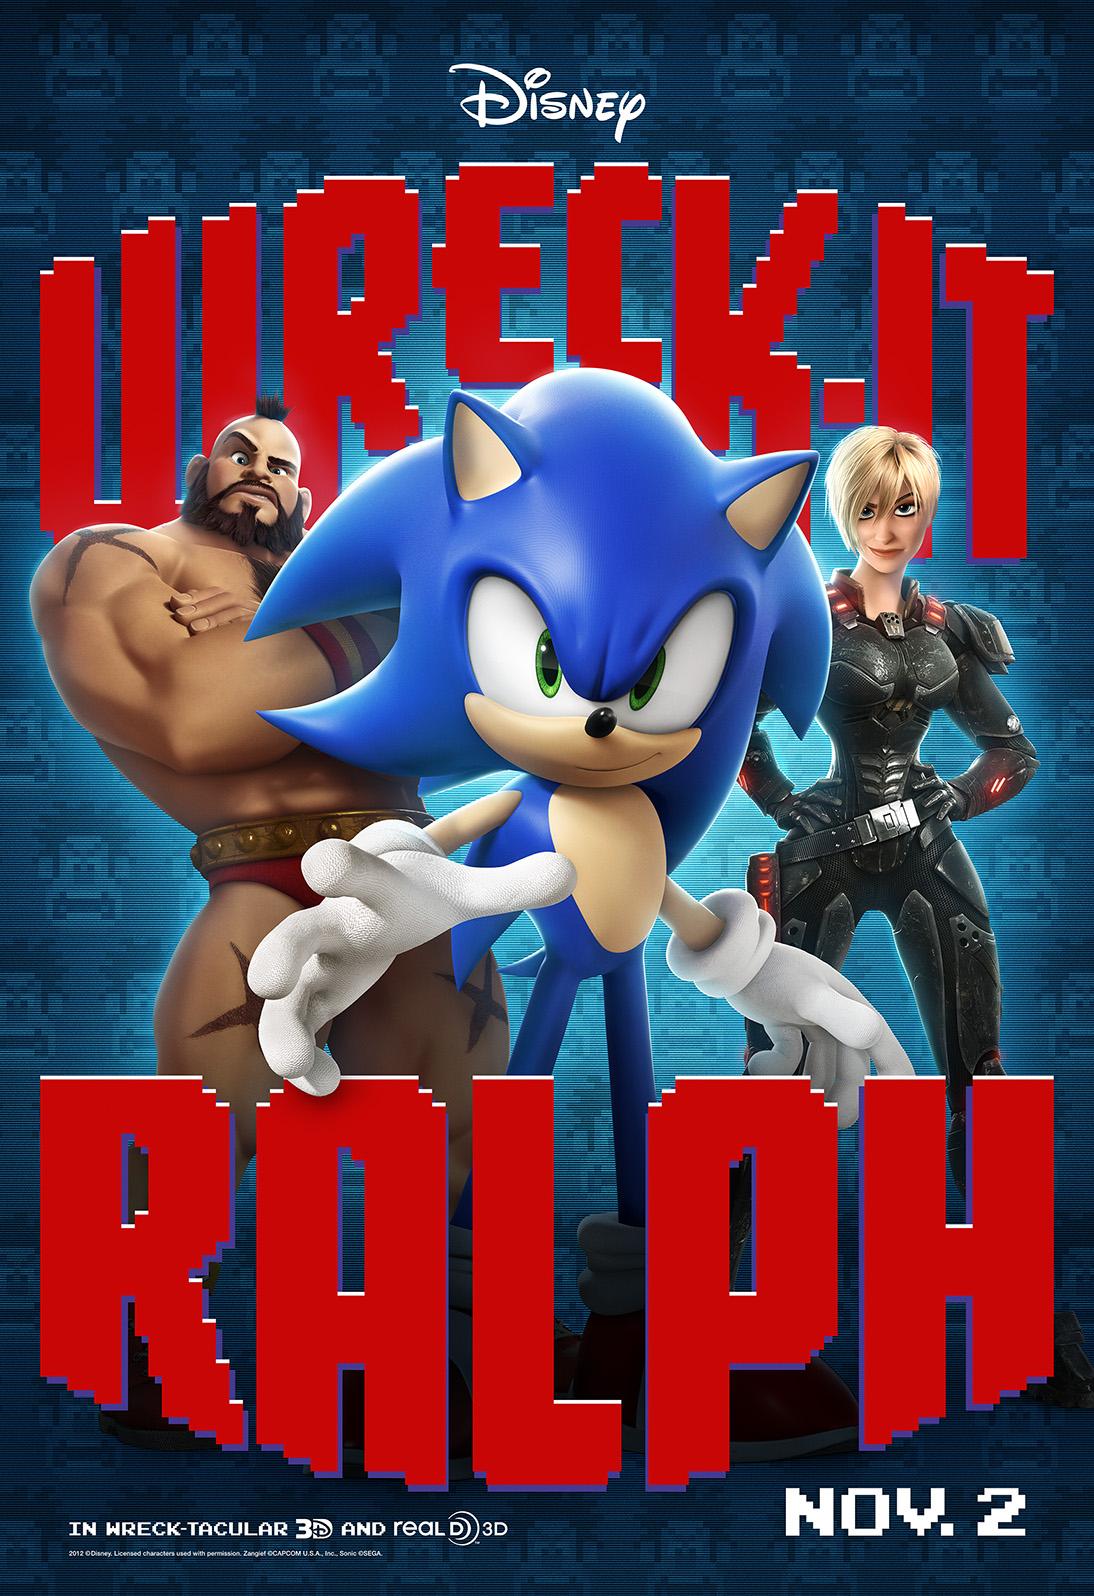 http://4.bp.blogspot.com/-IYzI8mSj77Q/UFoIXOnlGcI/AAAAAAAABXU/nKDZJCSUVaw/s1600/Wreck-It_Ralph_Sonic_BS_v4.0_Online2.jpg